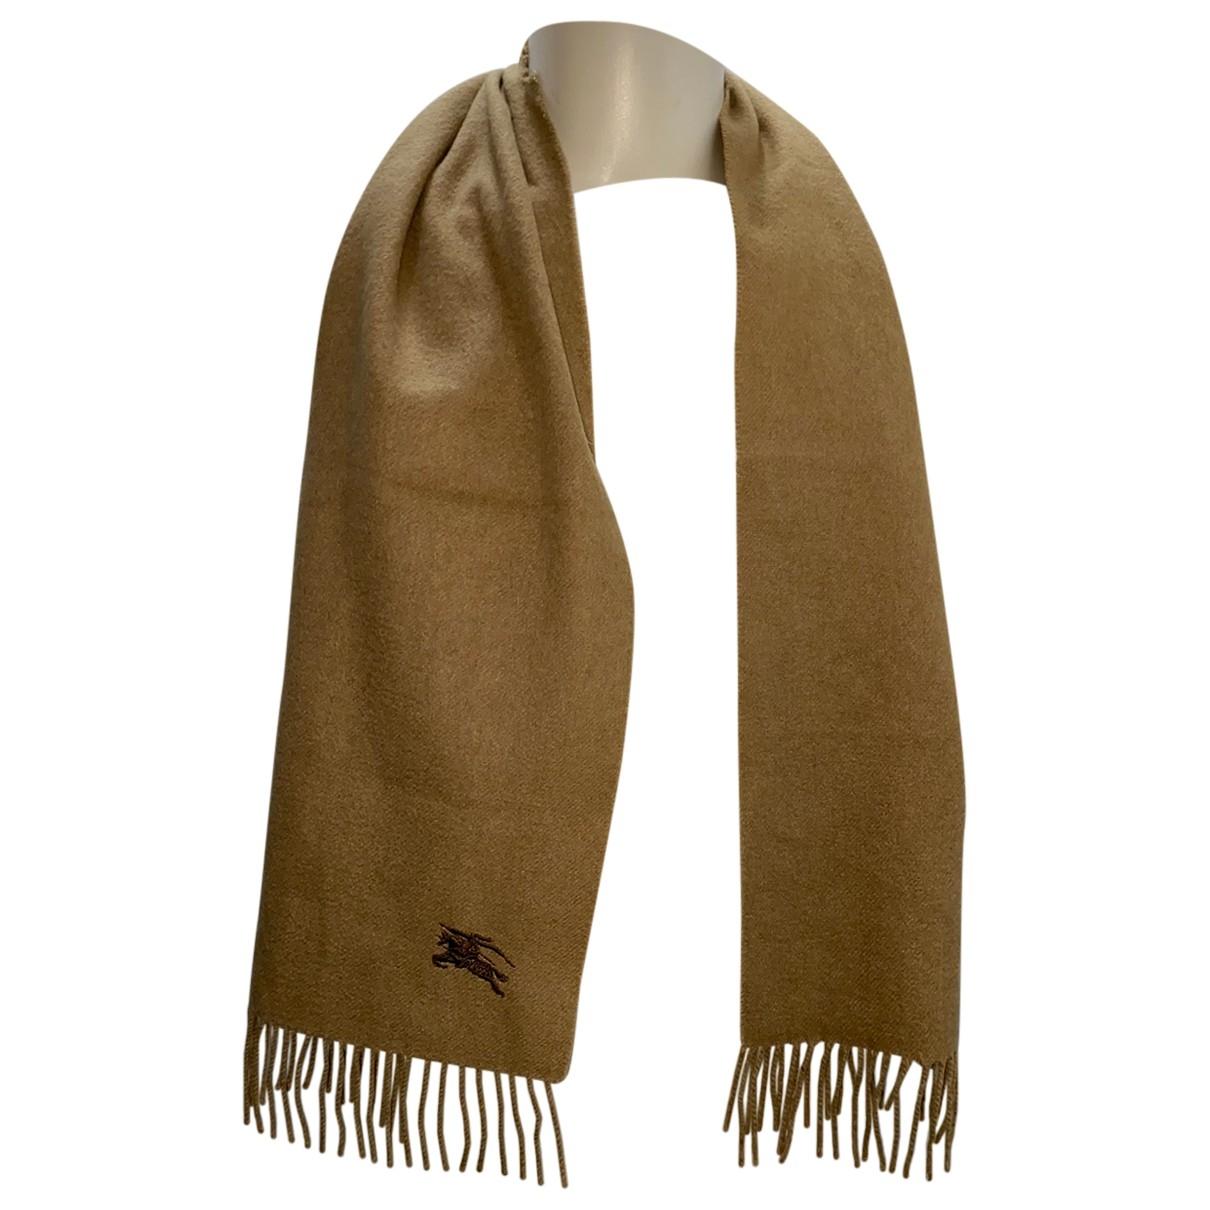 Burberry N Camel Cashmere scarf & pocket squares for Men N